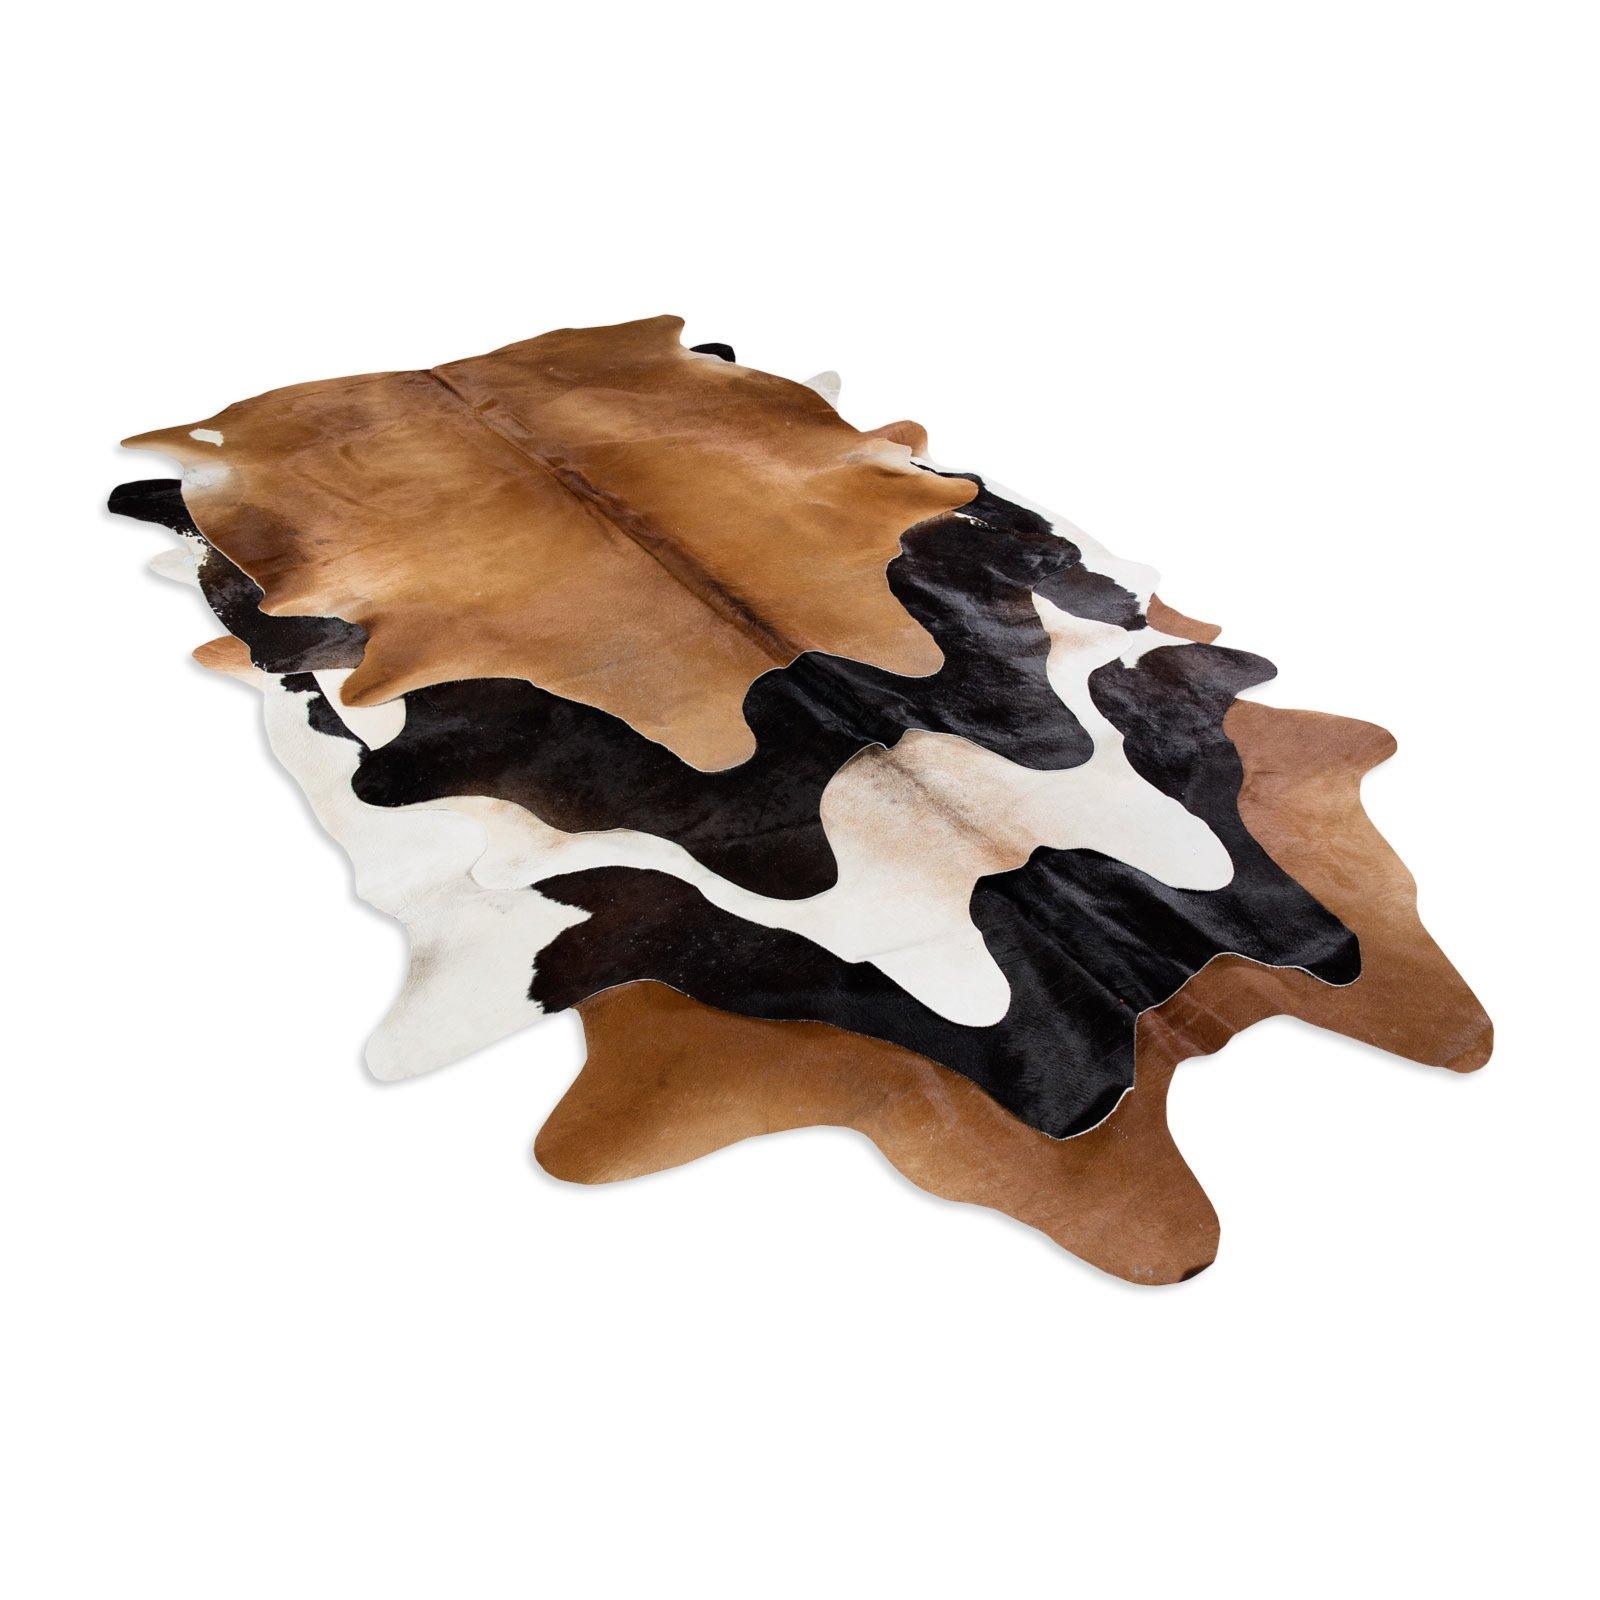 fellteppich 100 echtes rinderfell einfarbige teppiche. Black Bedroom Furniture Sets. Home Design Ideas